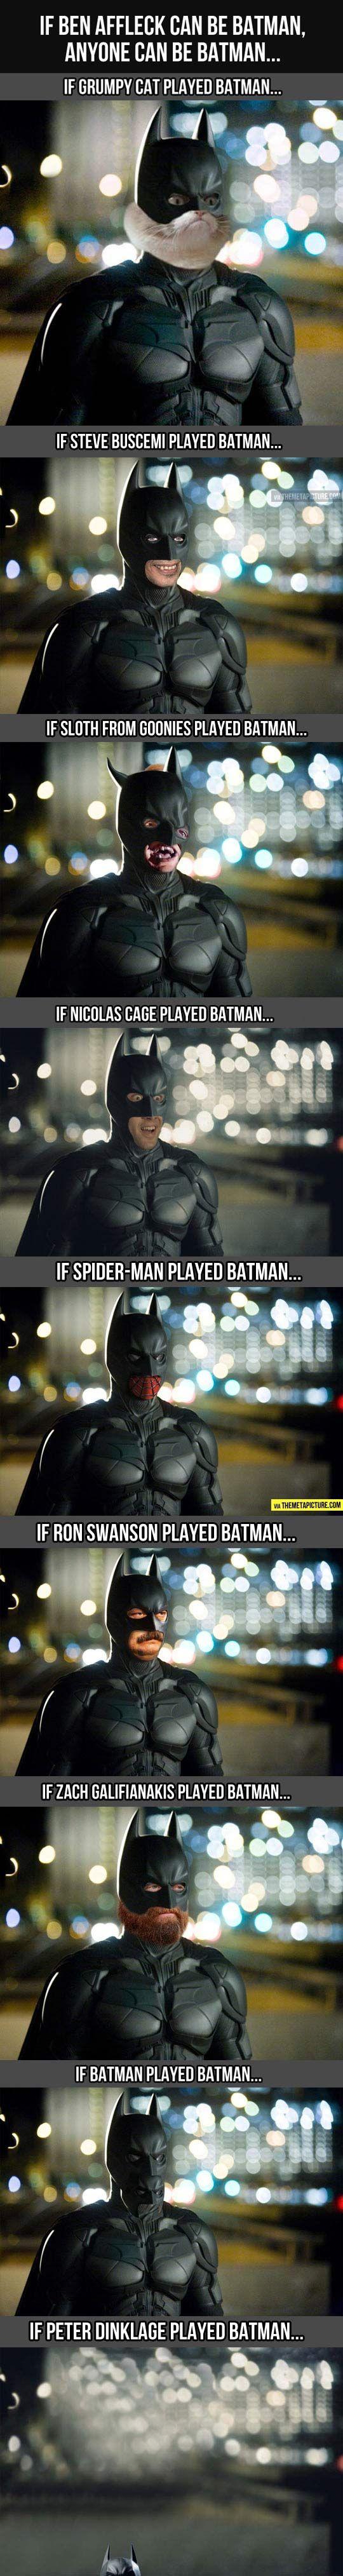 Anyone can play Batman now...hahahaha Ohhhh MAN! #Batman #BatFleck #HAHAHA